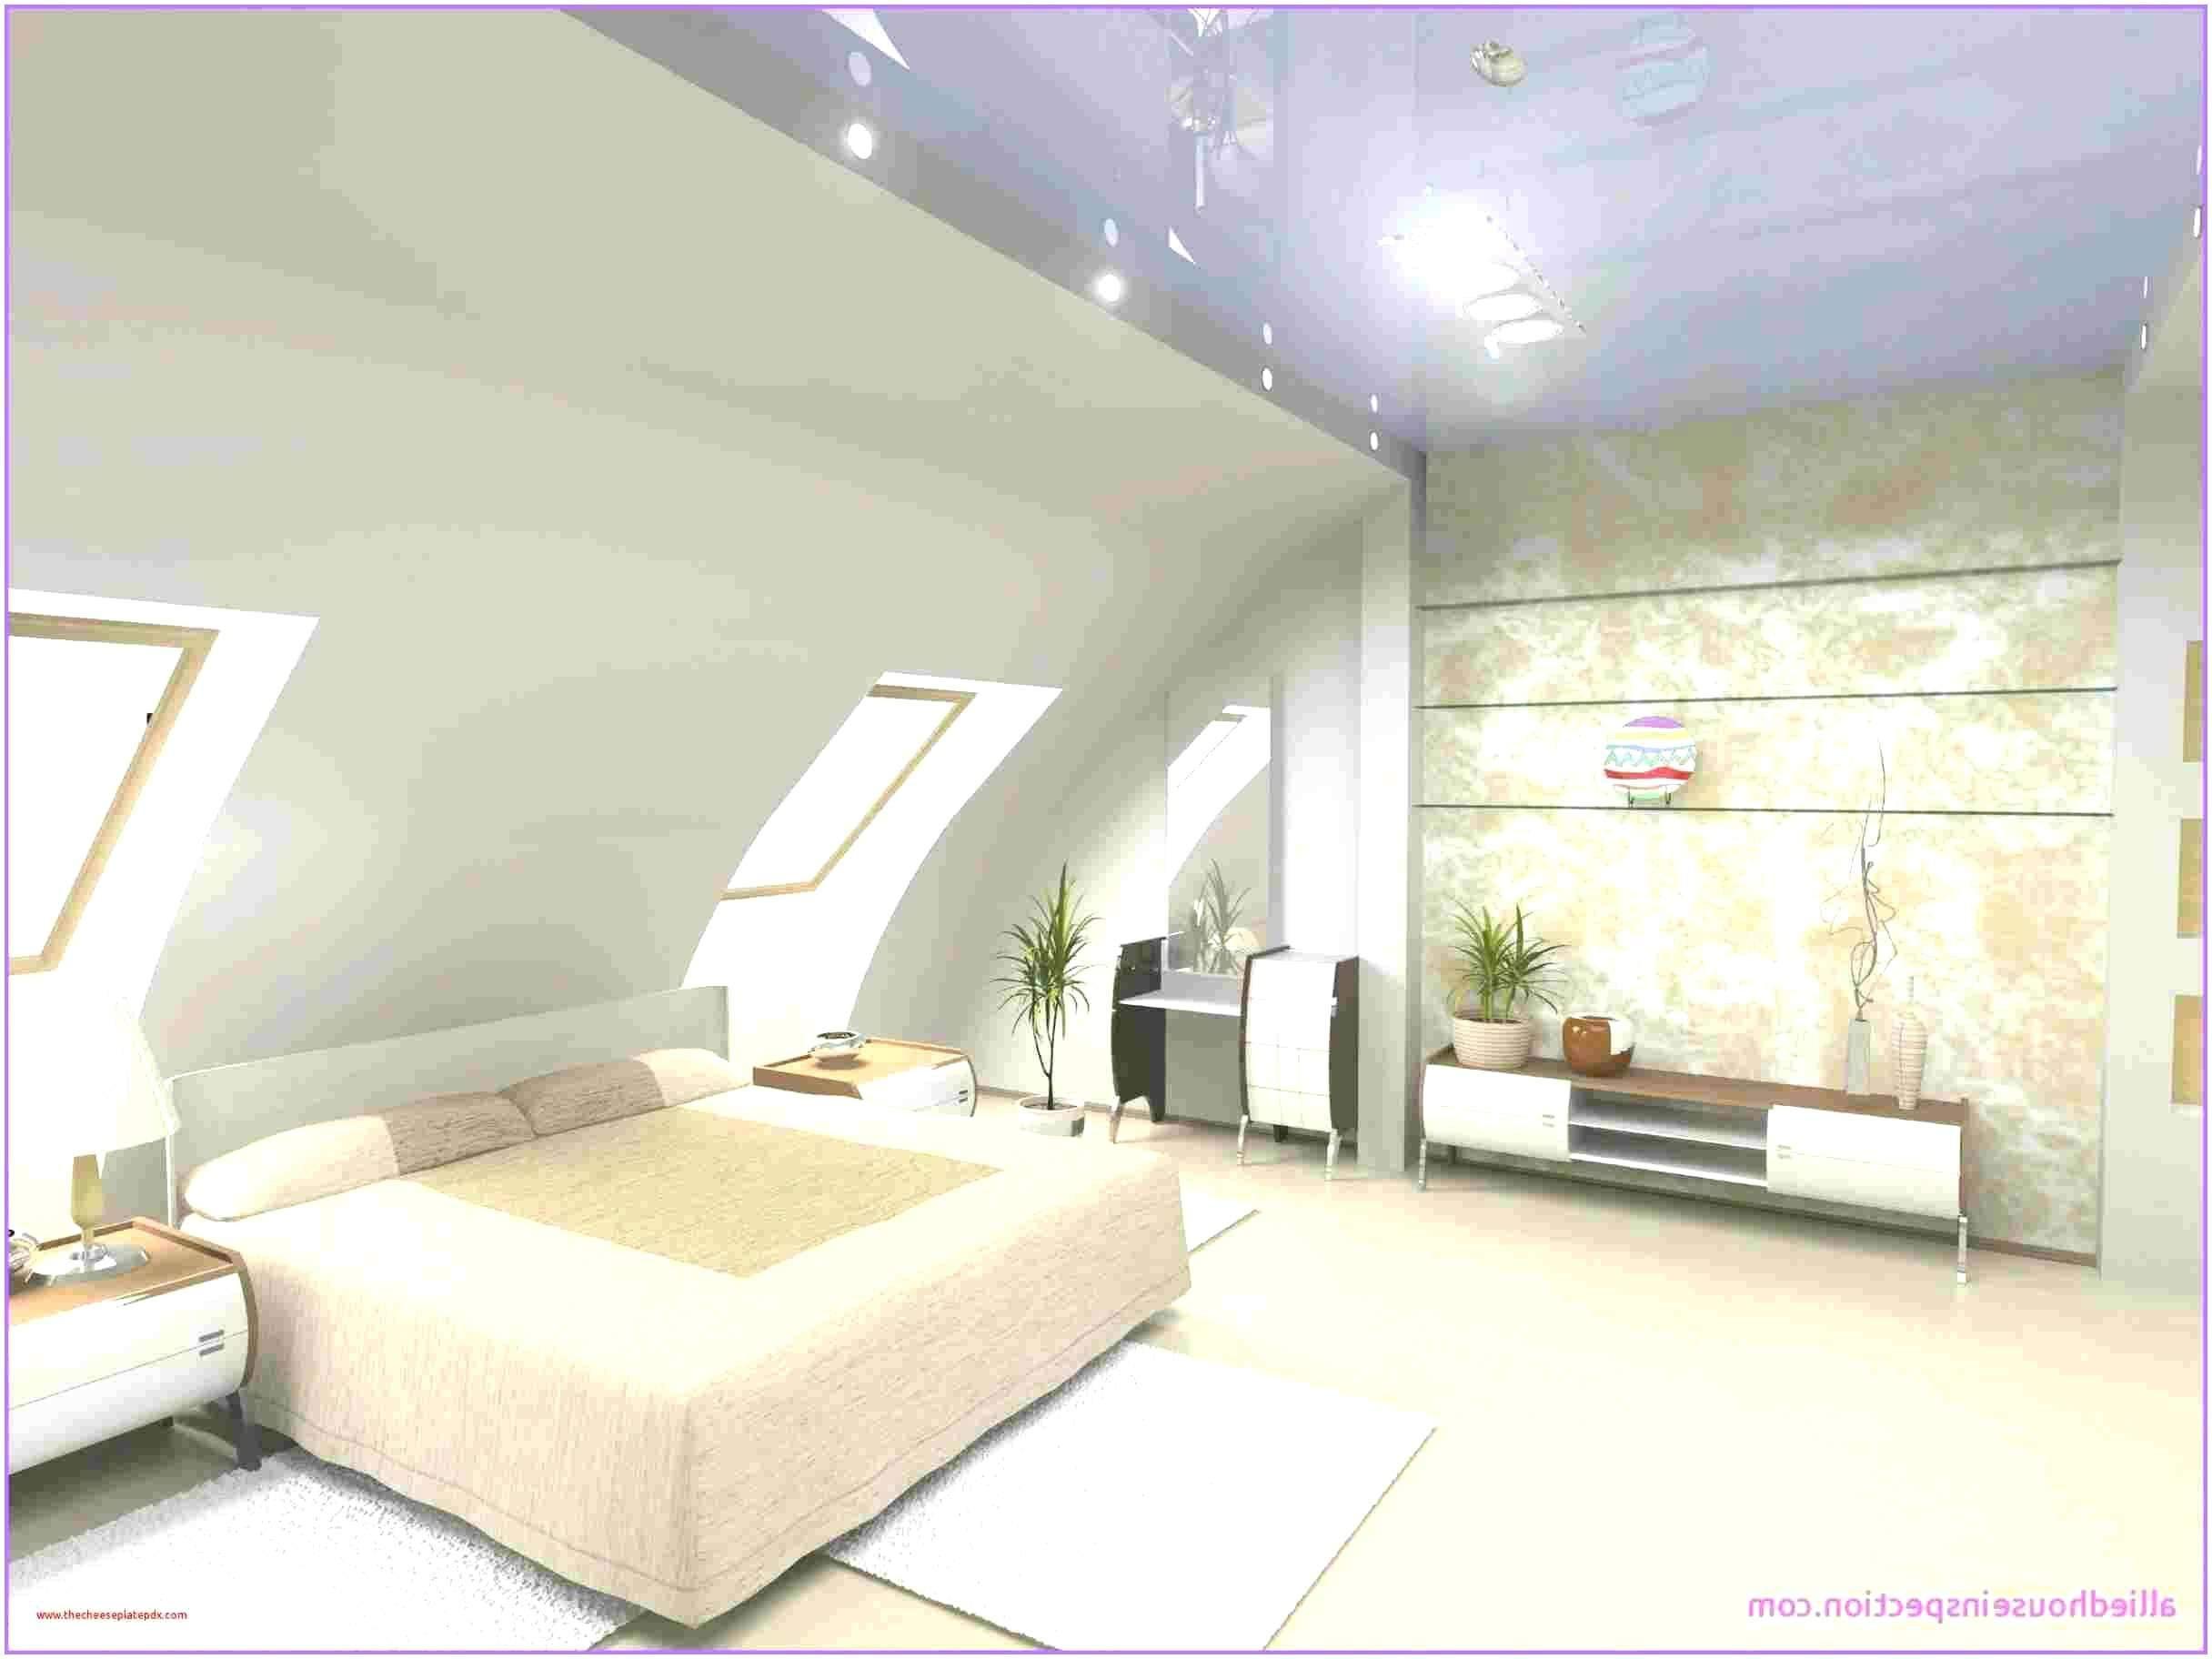 wanddeko wohnzimmer metall einzigartig wohnzimmer regale design reizend luxury regal metall of wanddeko wohnzimmer metall